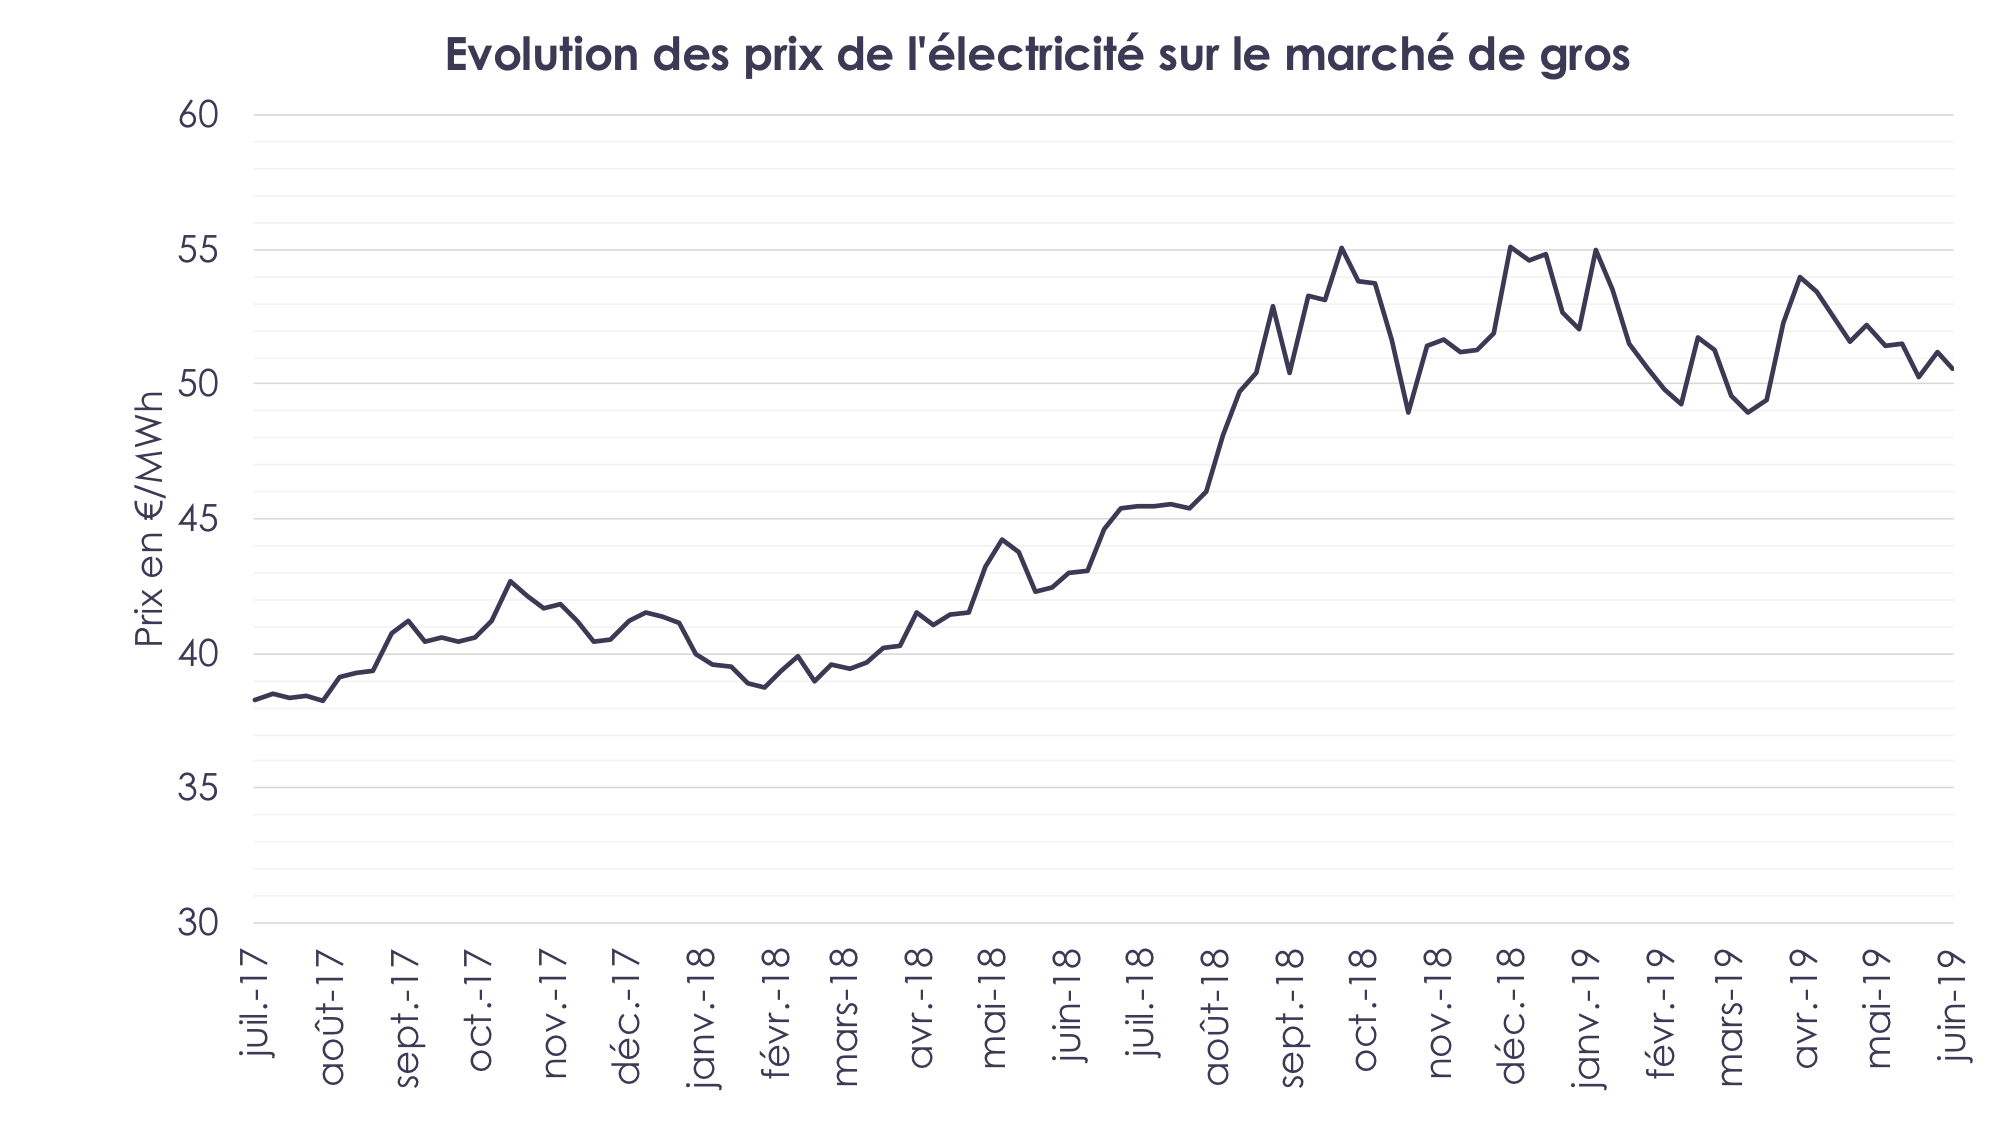 Evolution des prix de l'électricité sur le marché du gaz